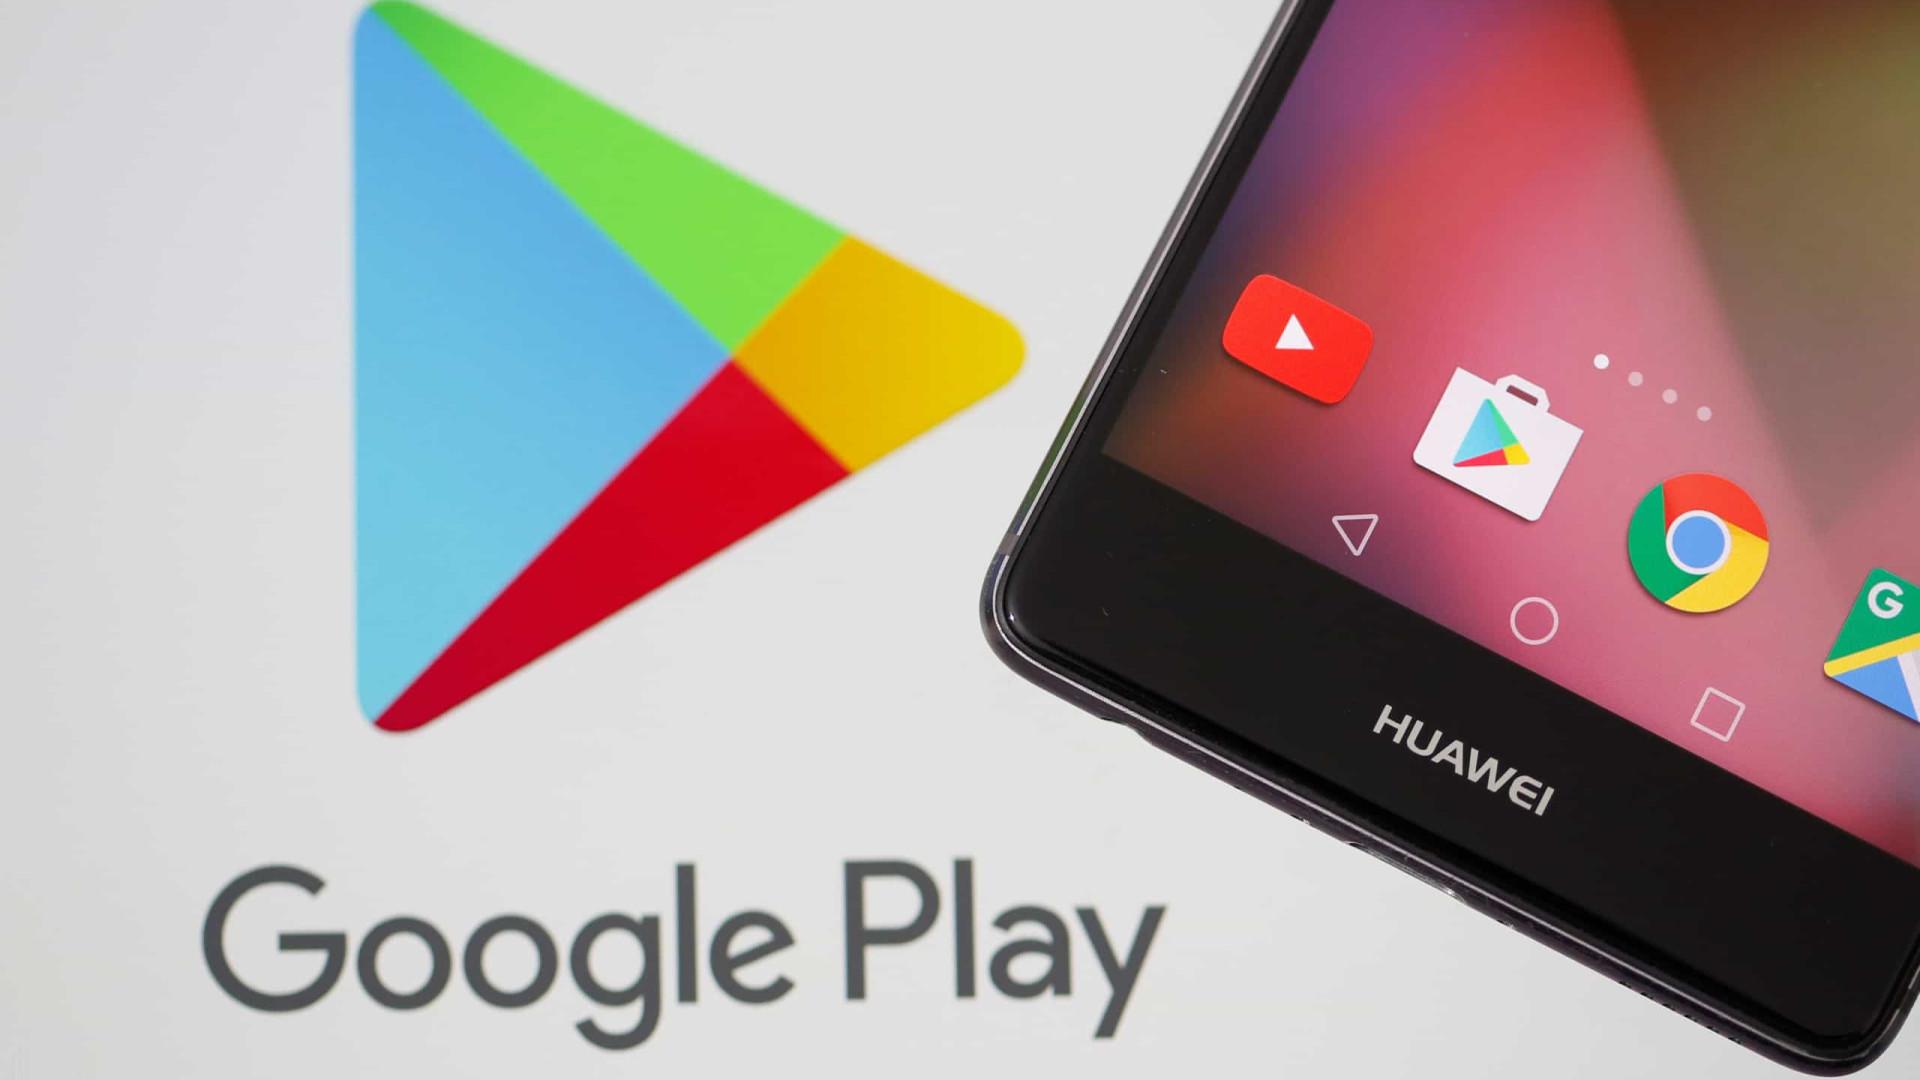 Huawei diz que não voltará a usar serviços da Google